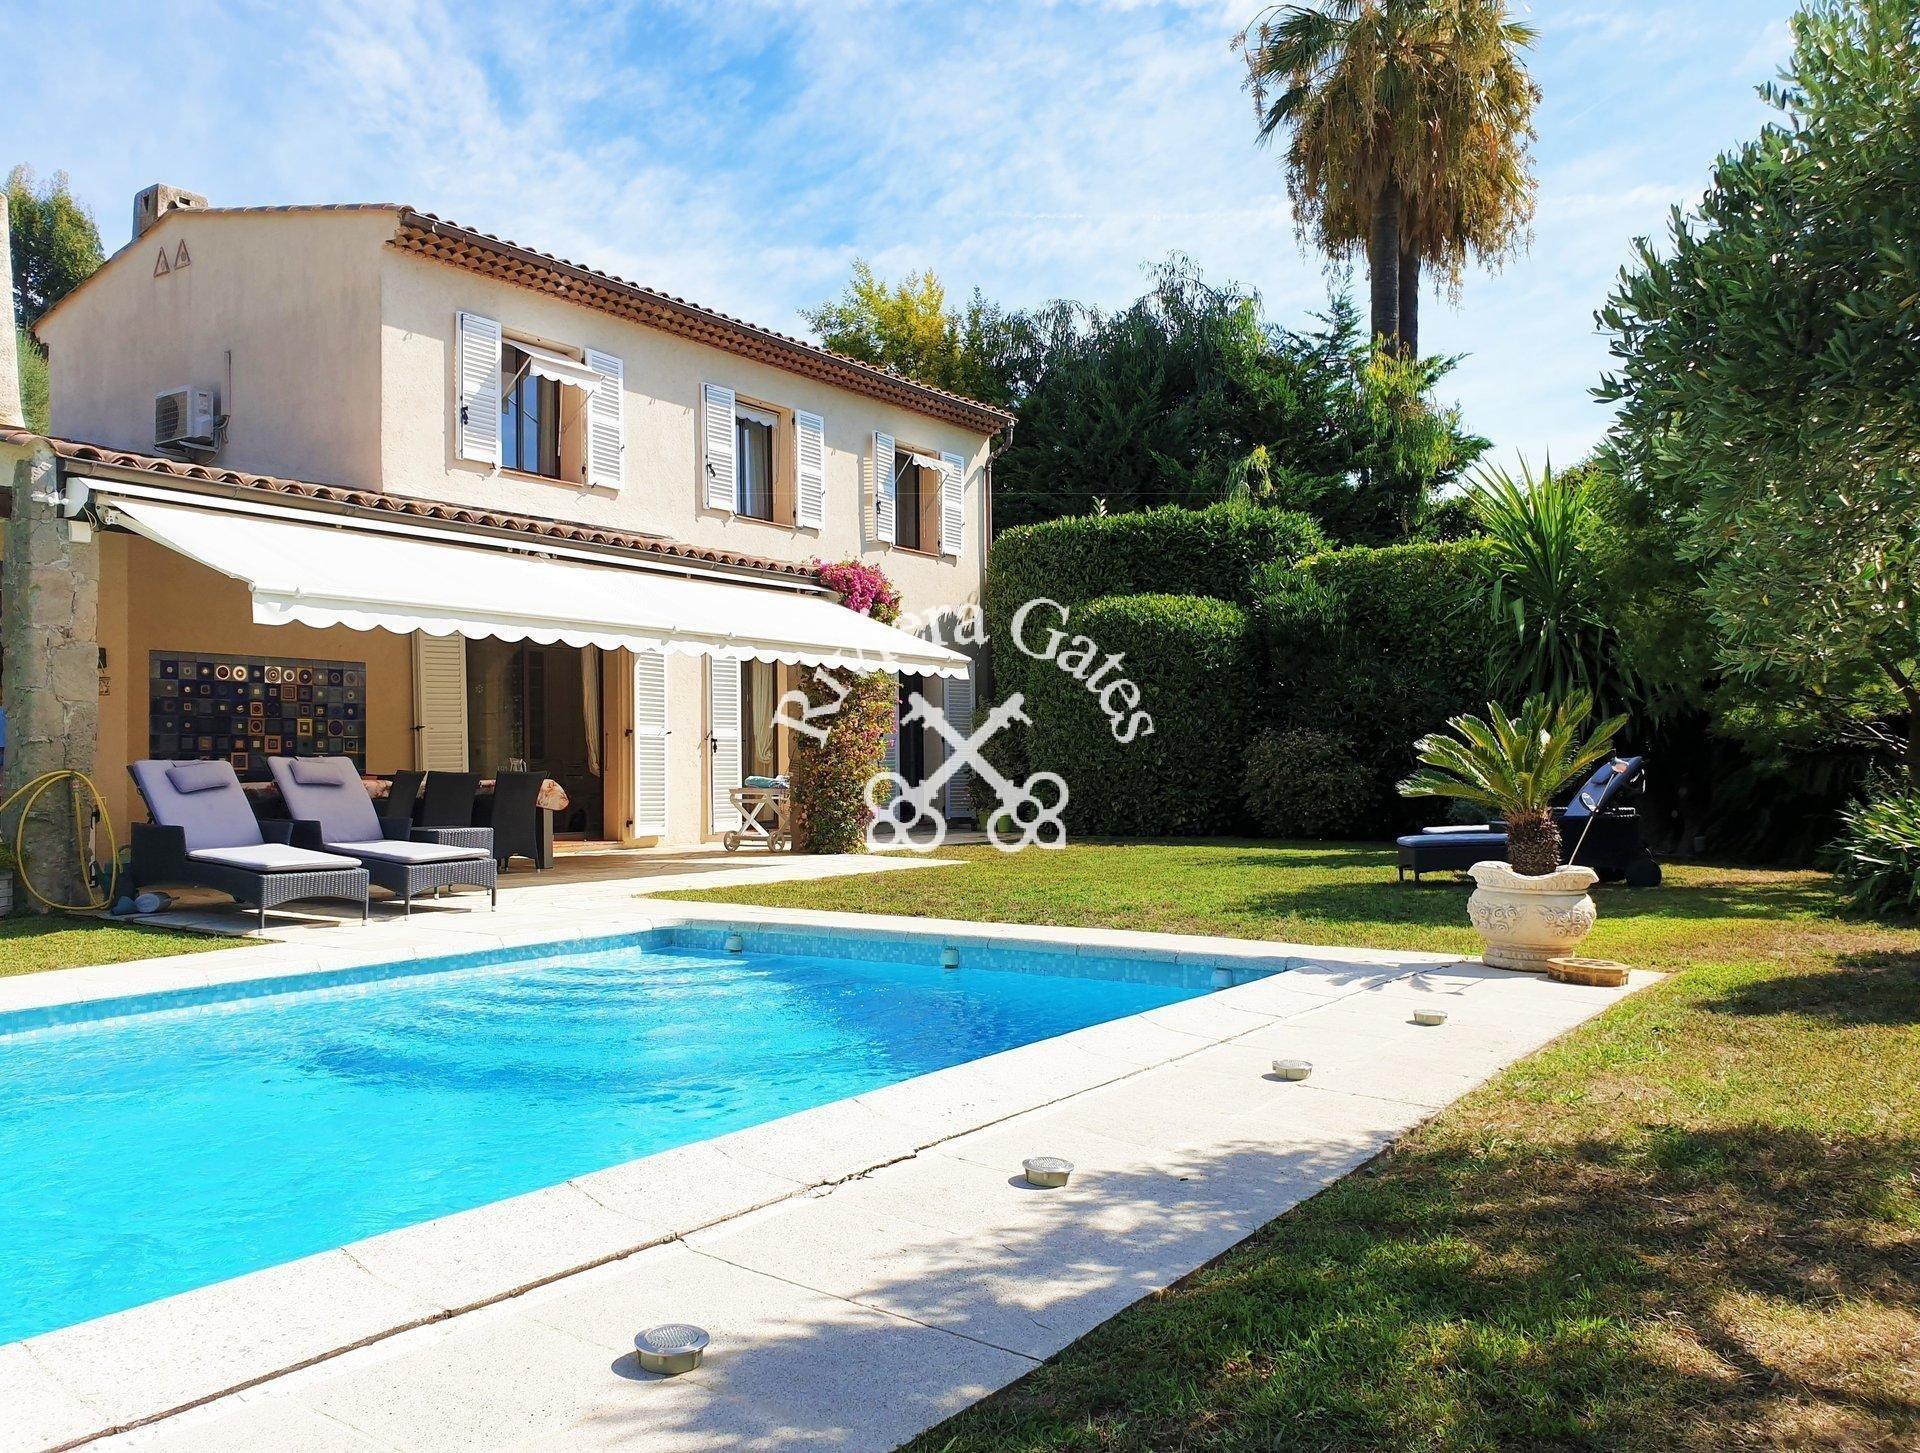 A louer - Villa indépendante avec piscine - Les Hauts de Vaugrenier